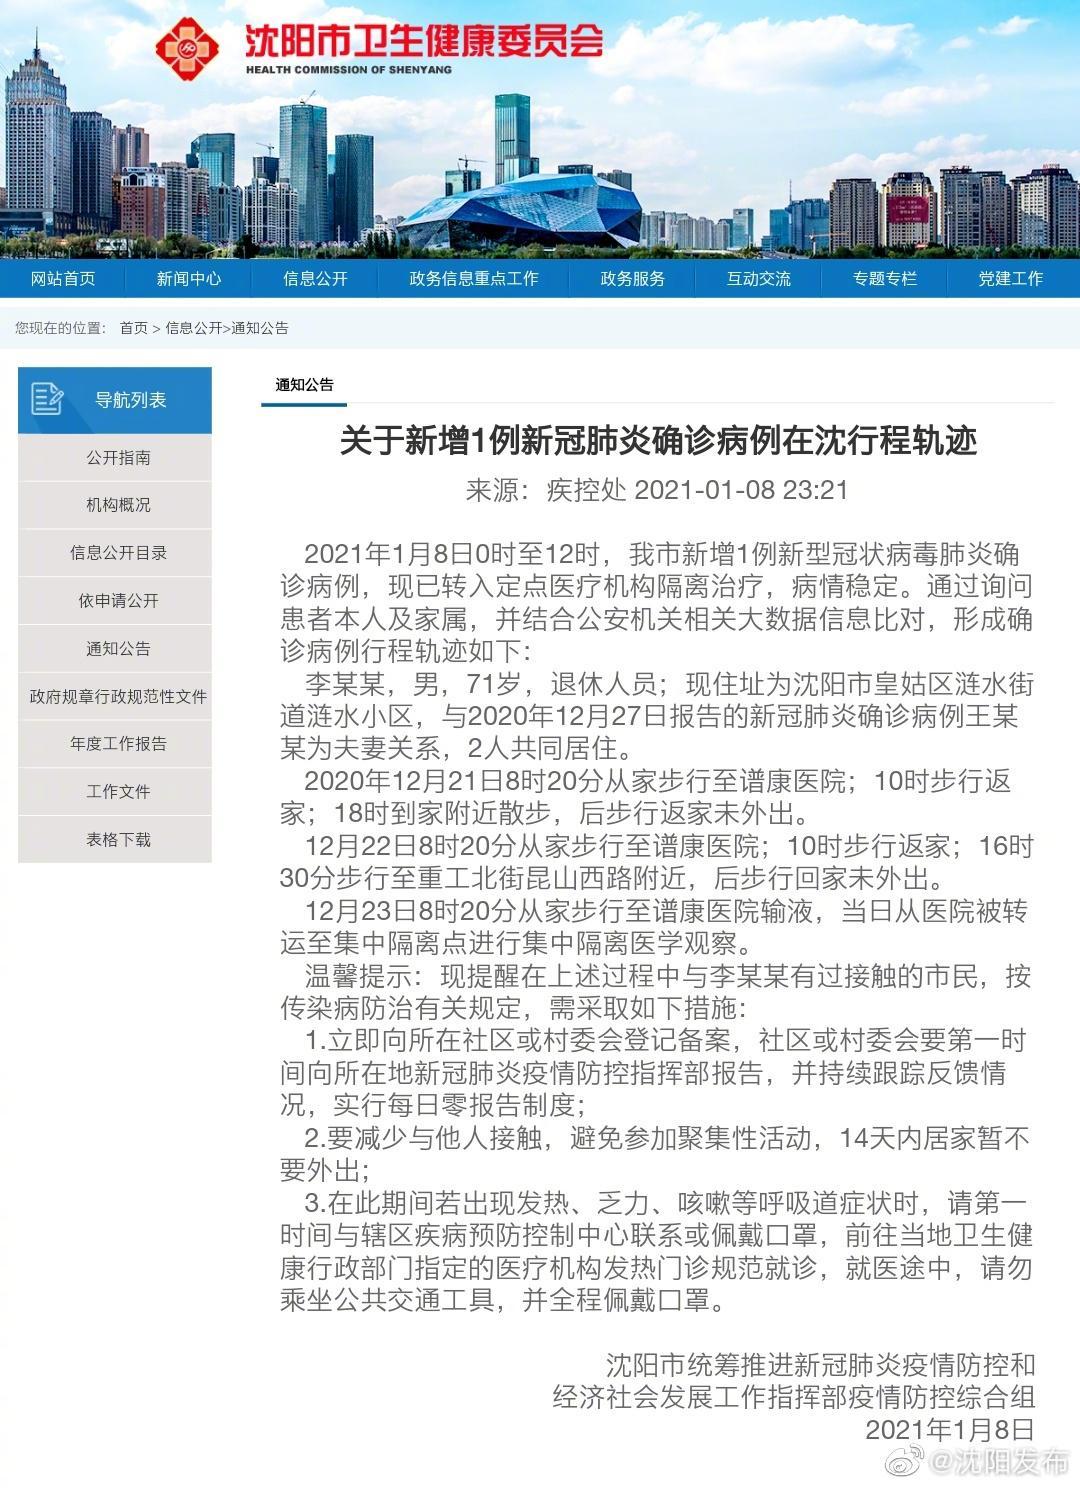 沈阳发布1例新增新冠肺炎确诊病例在沈行程轨迹